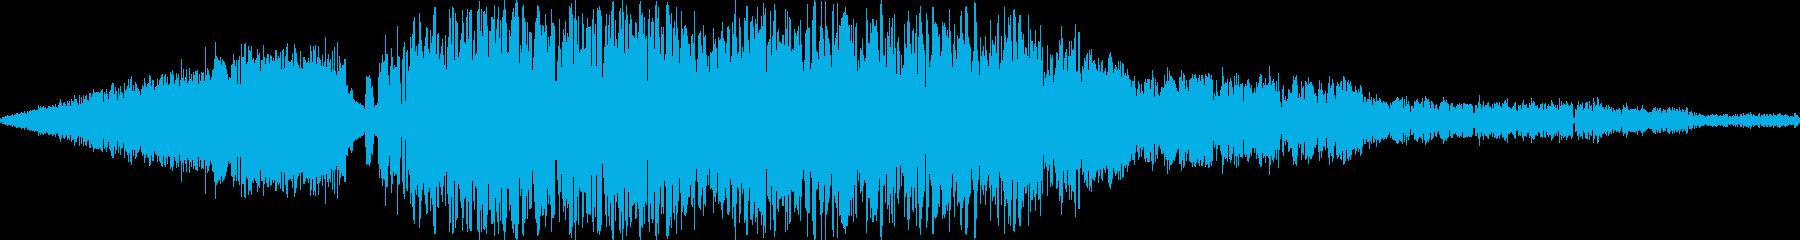 RPG:炎魔法音「シュボーッ」の再生済みの波形